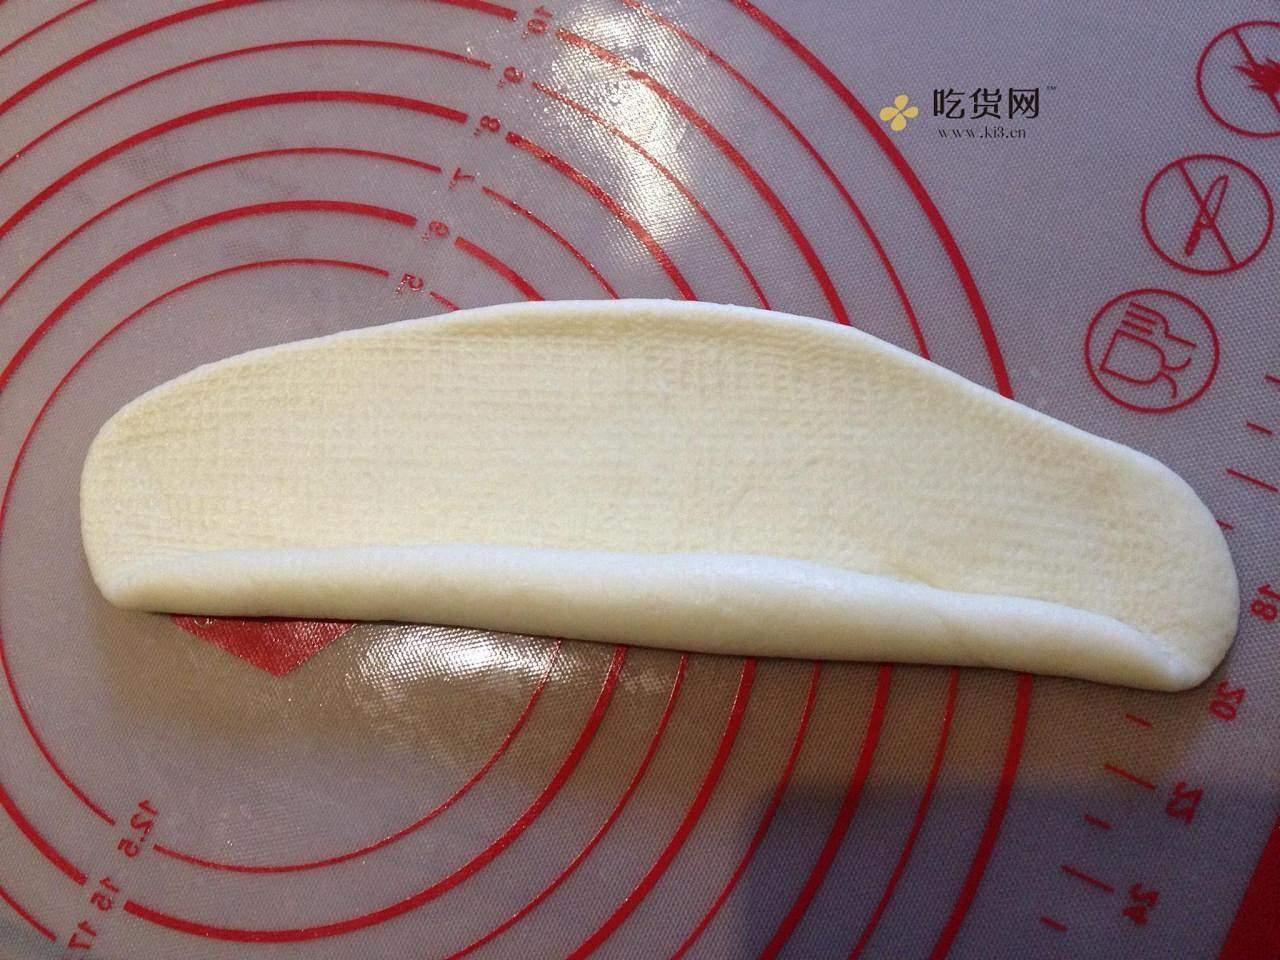 蜂蜜淡奶油面包#美味排包#的做法 步骤3